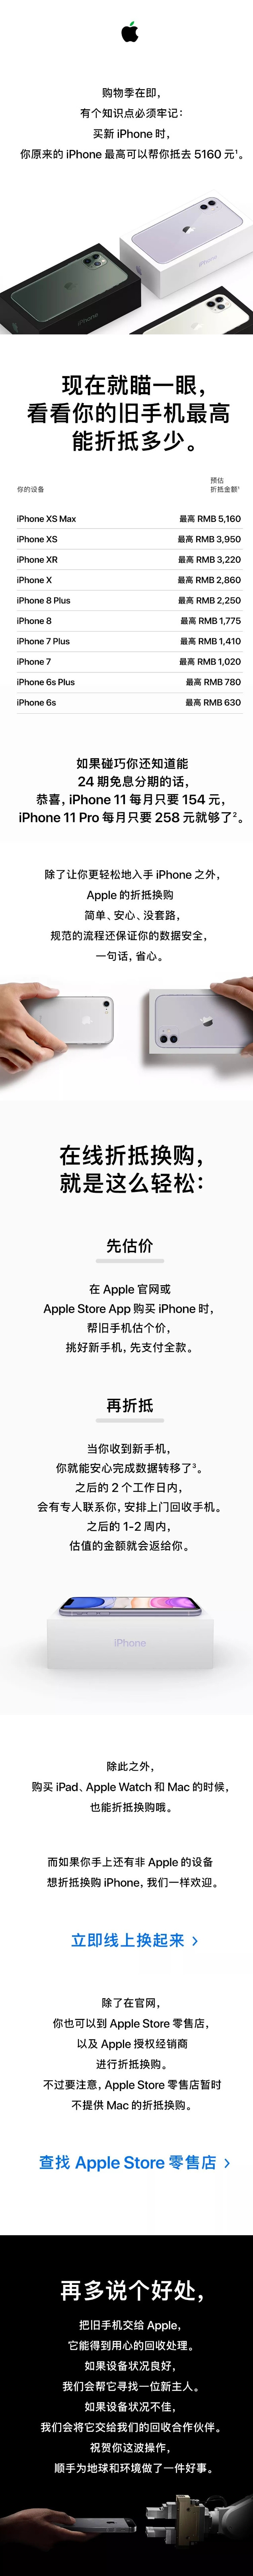 苹果 Trade In 以旧换新购买新机可享受 24 期免费分期优惠